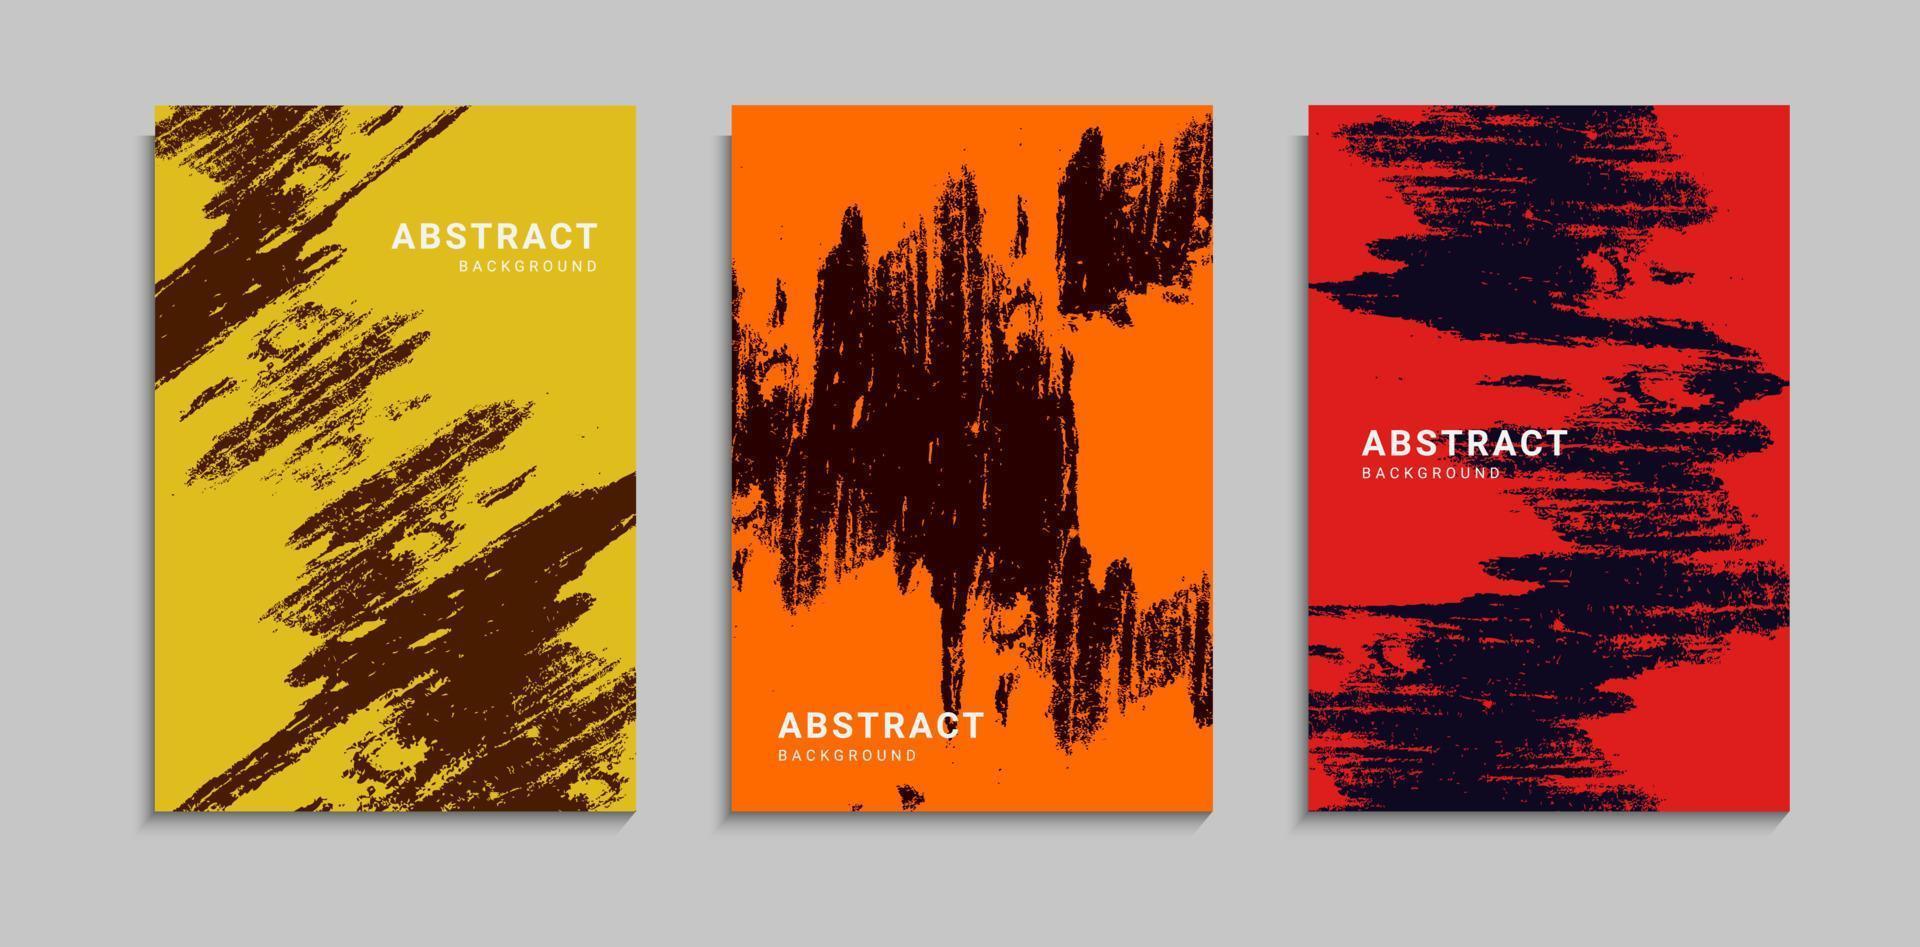 conjunto de modelo de fundo de capa colorida abstrata grunge scratch texture vetor